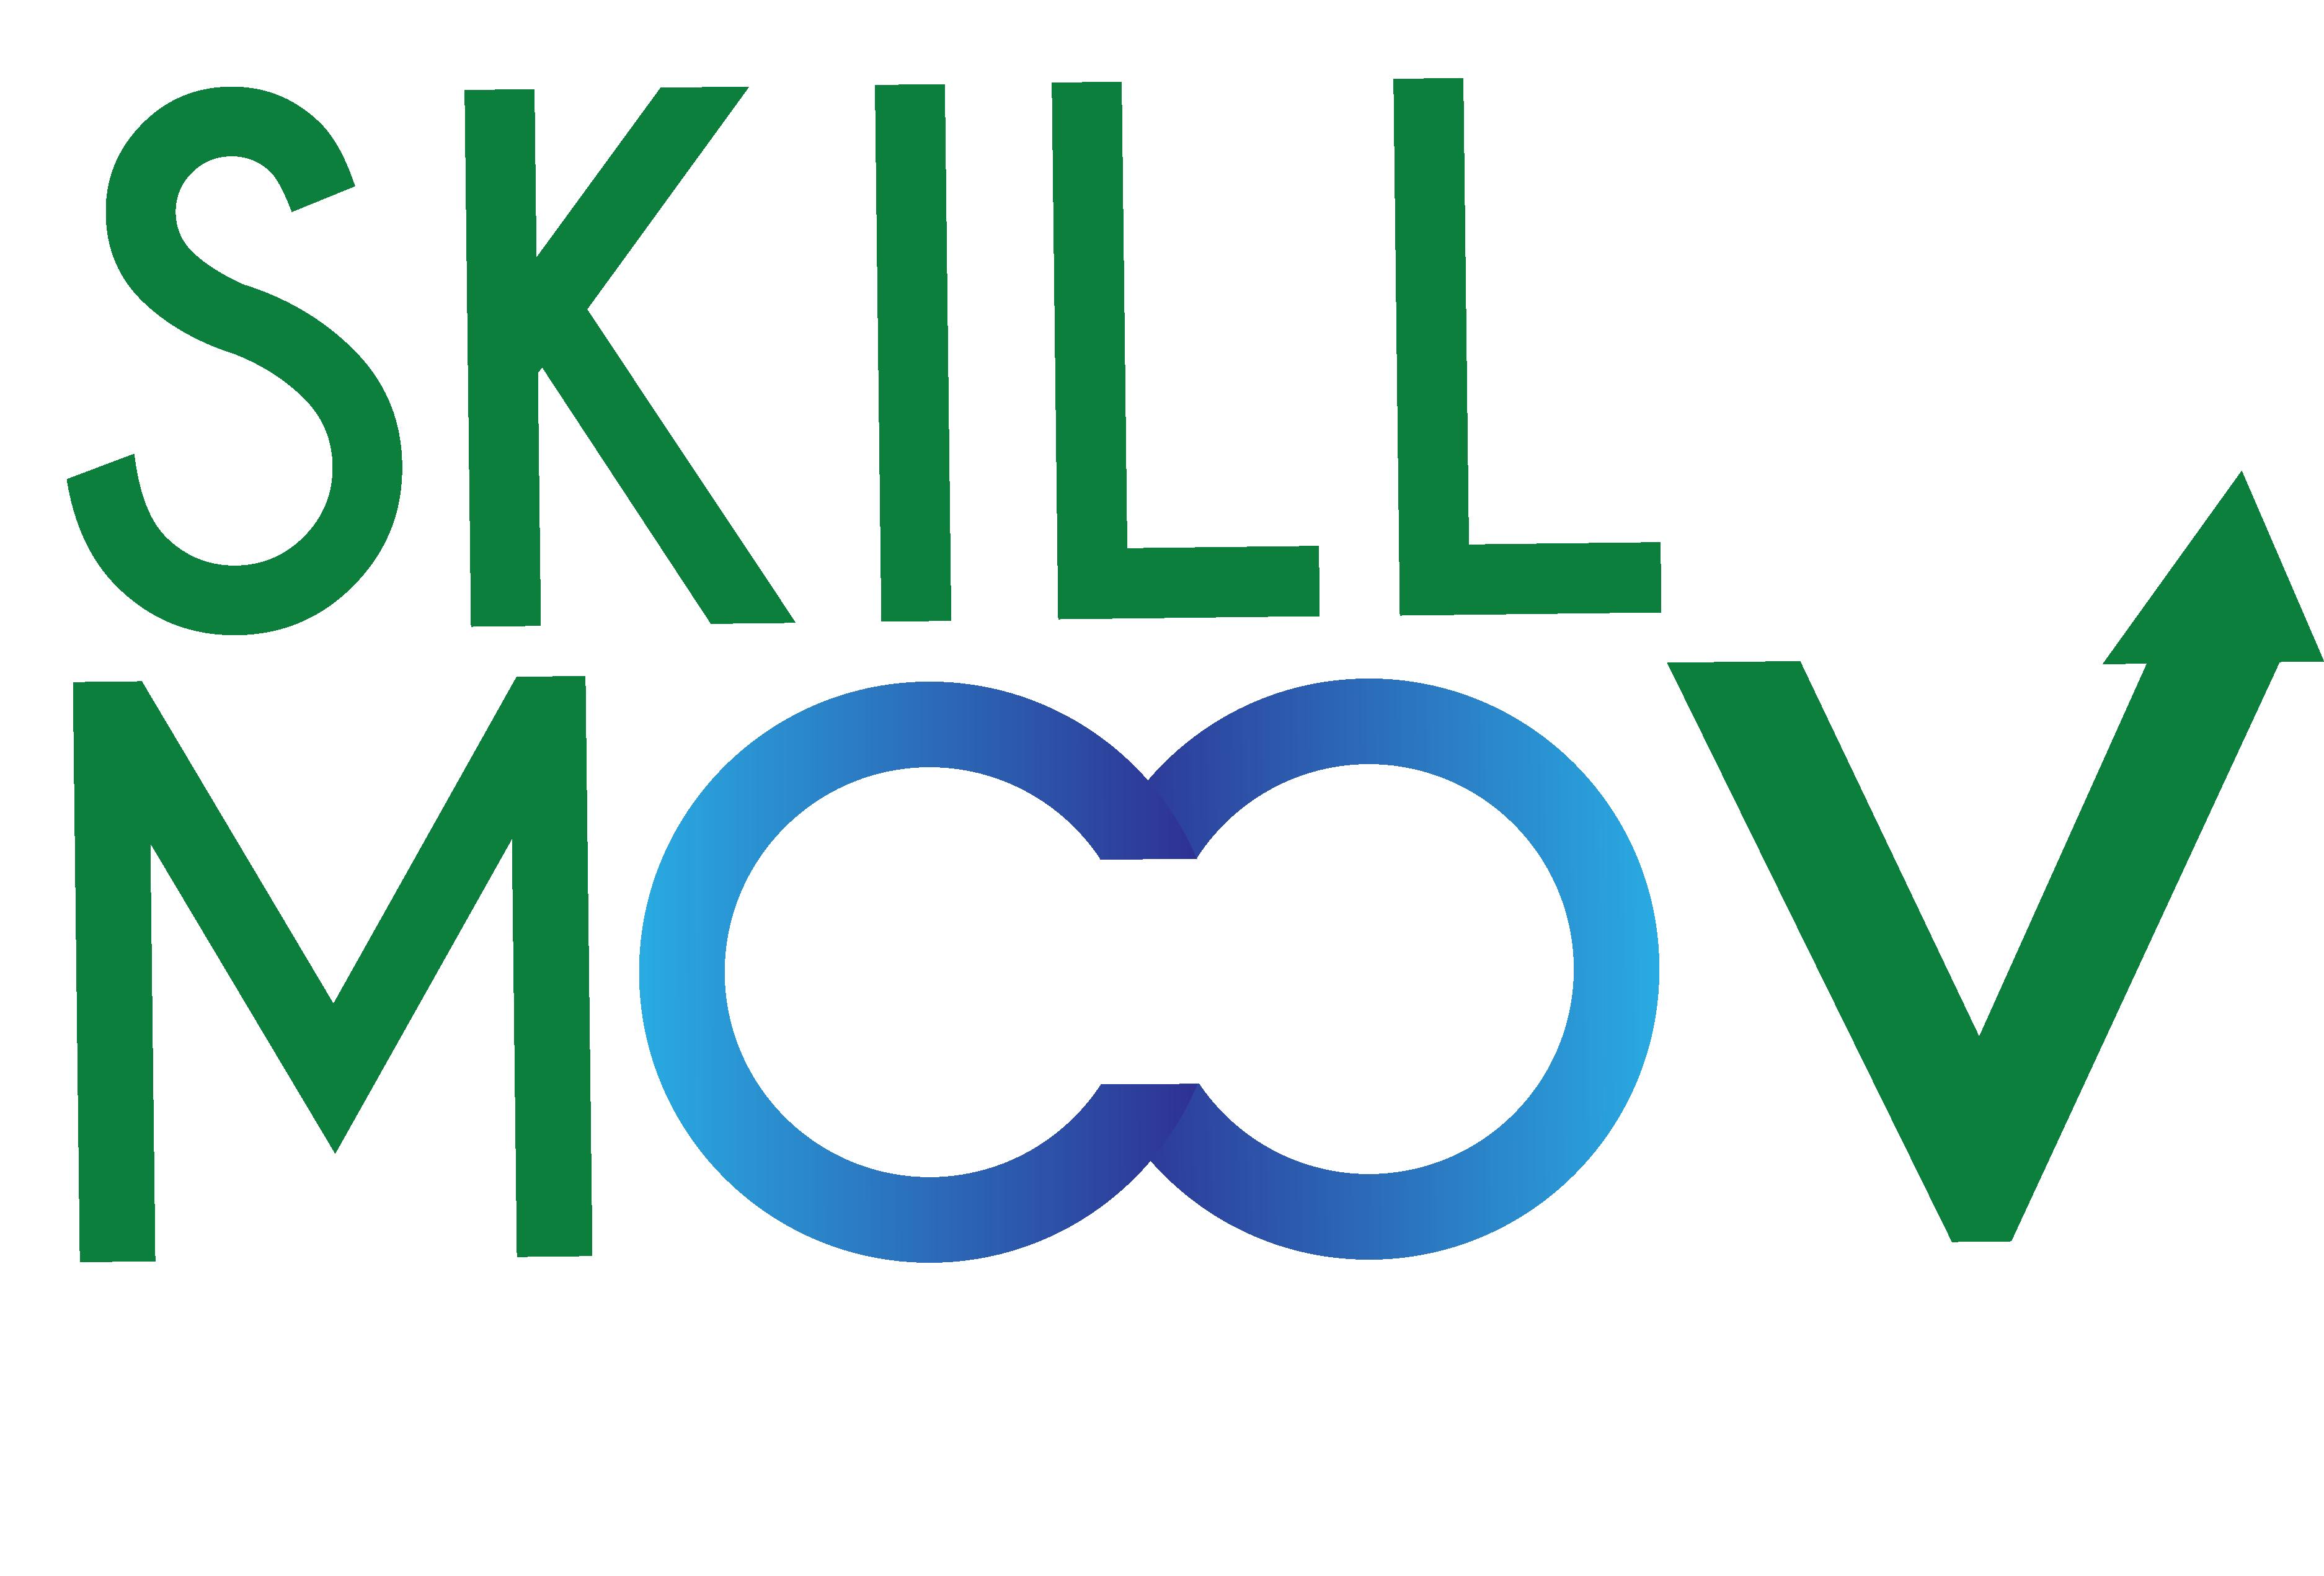 skillmoov